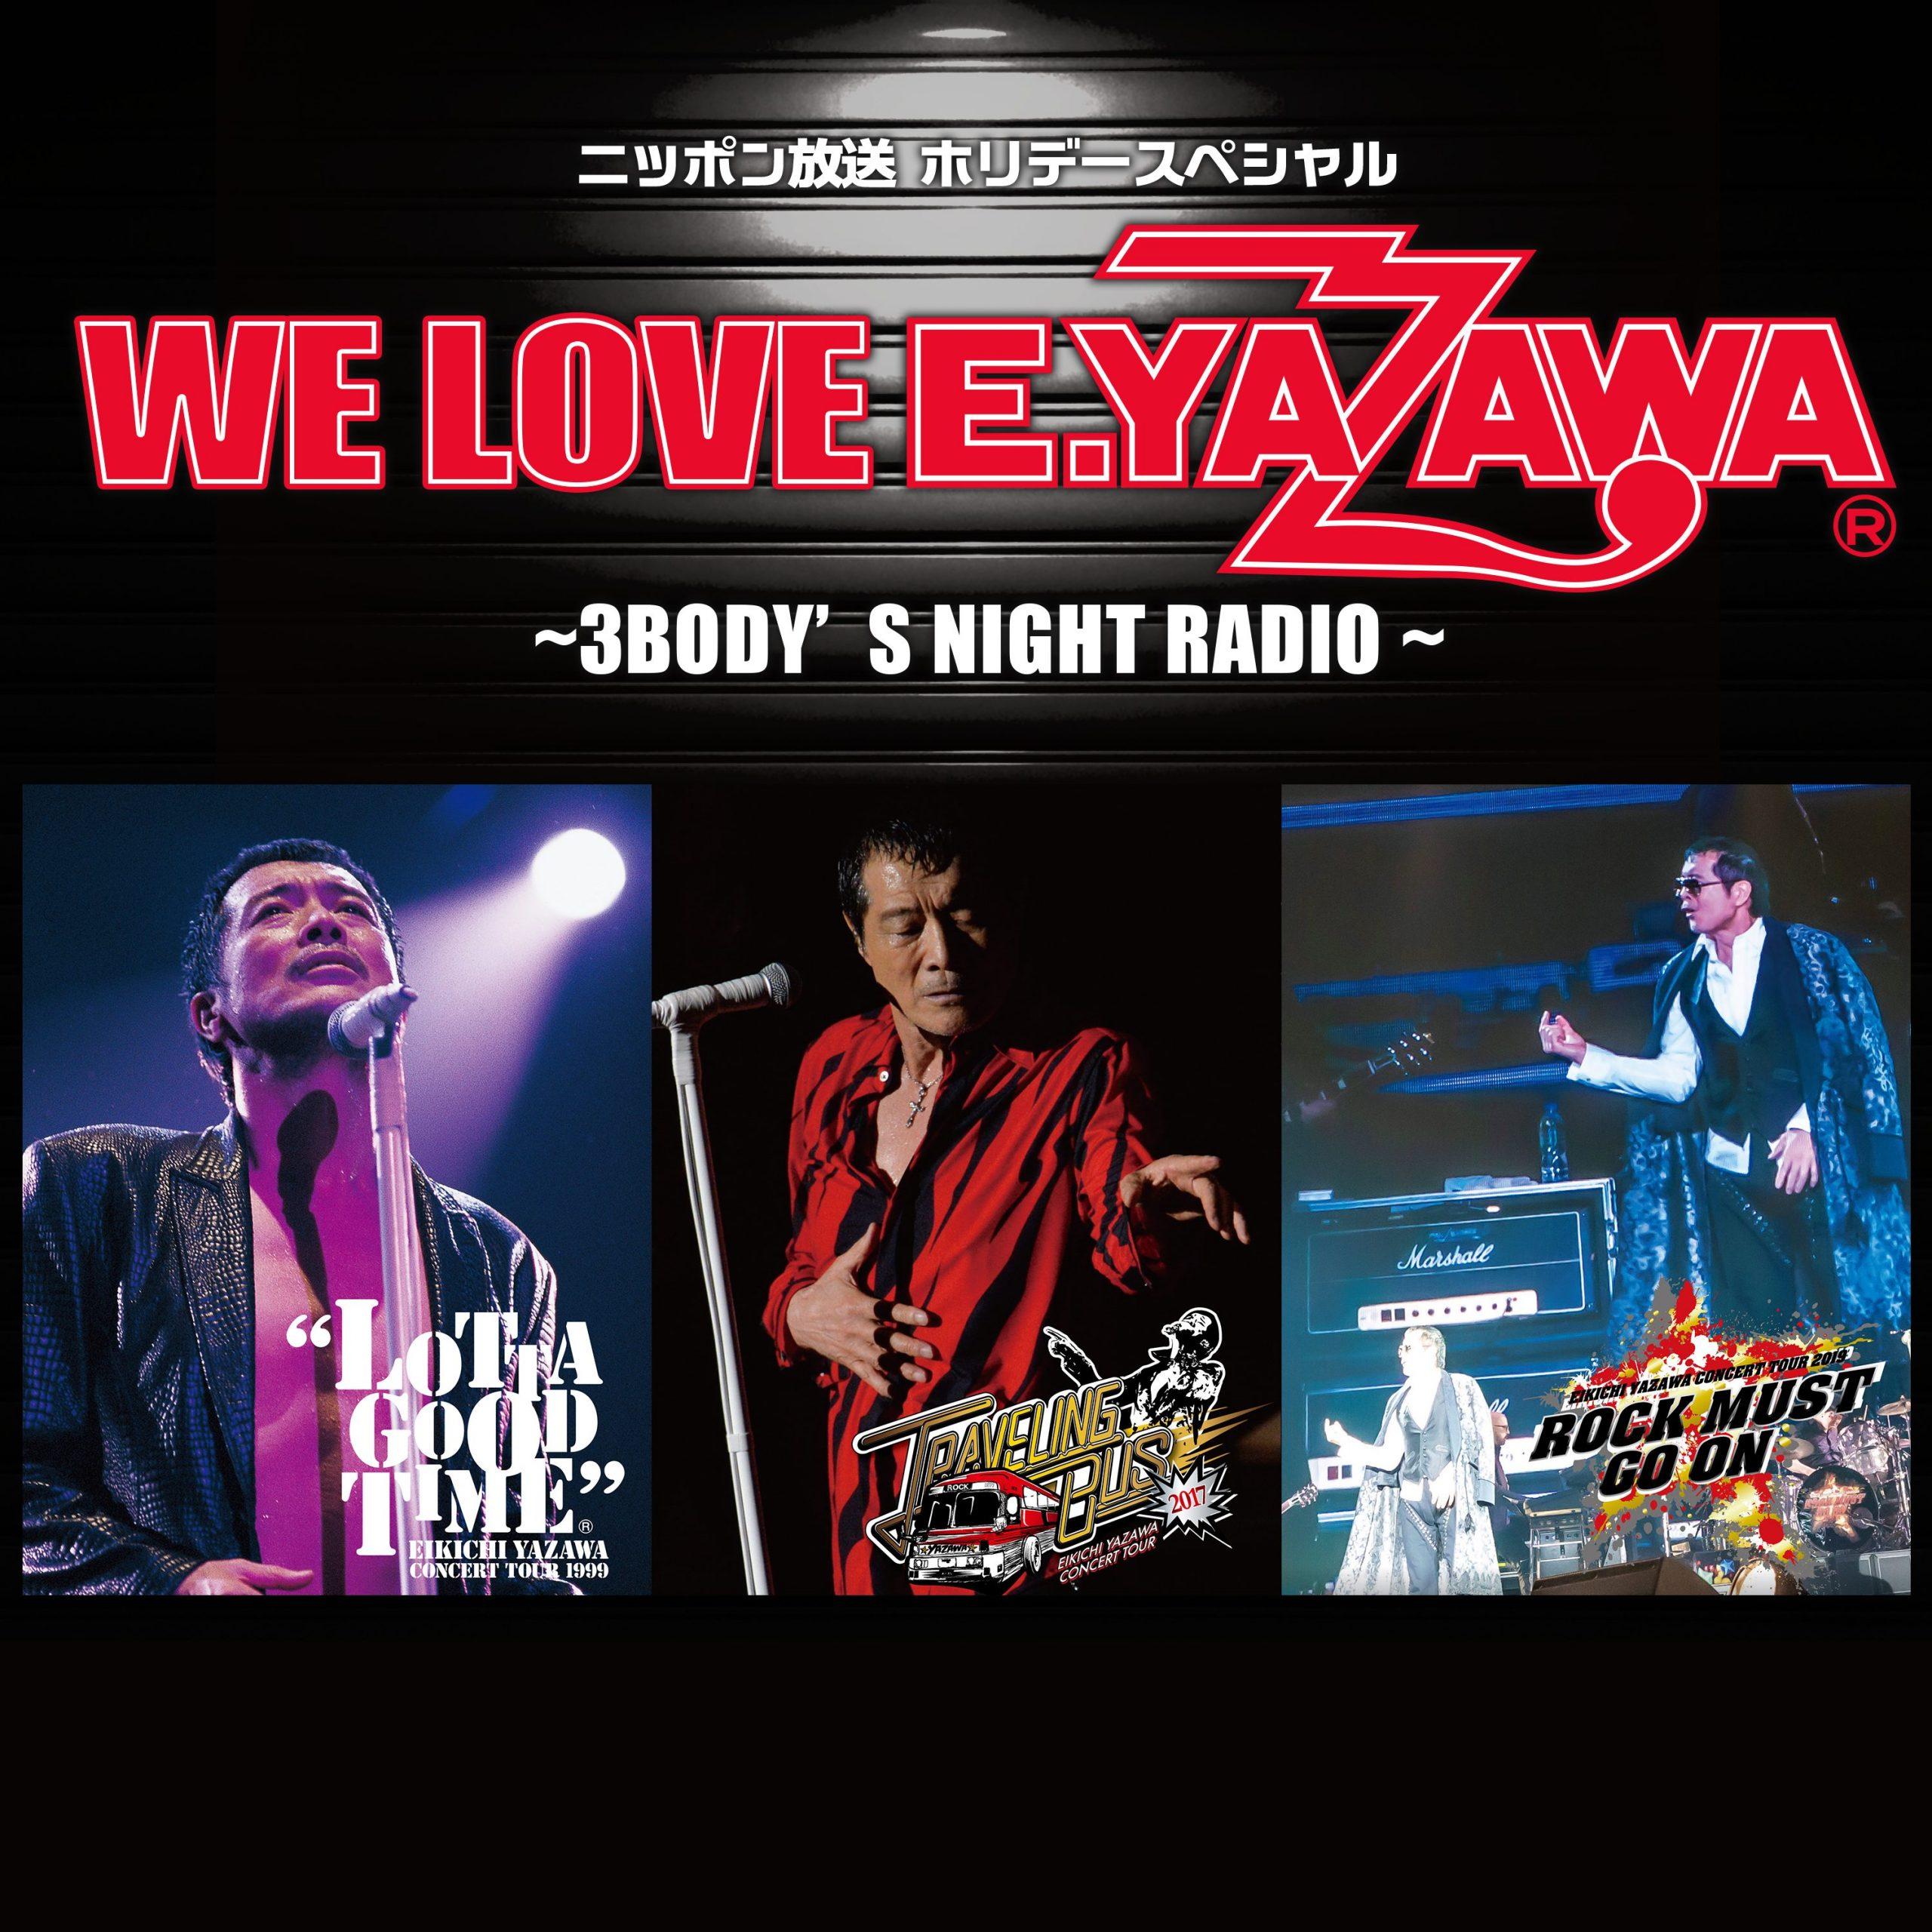 WE LOVE E.YAZAWA〜3BODY'S NIGHT RADIO〜